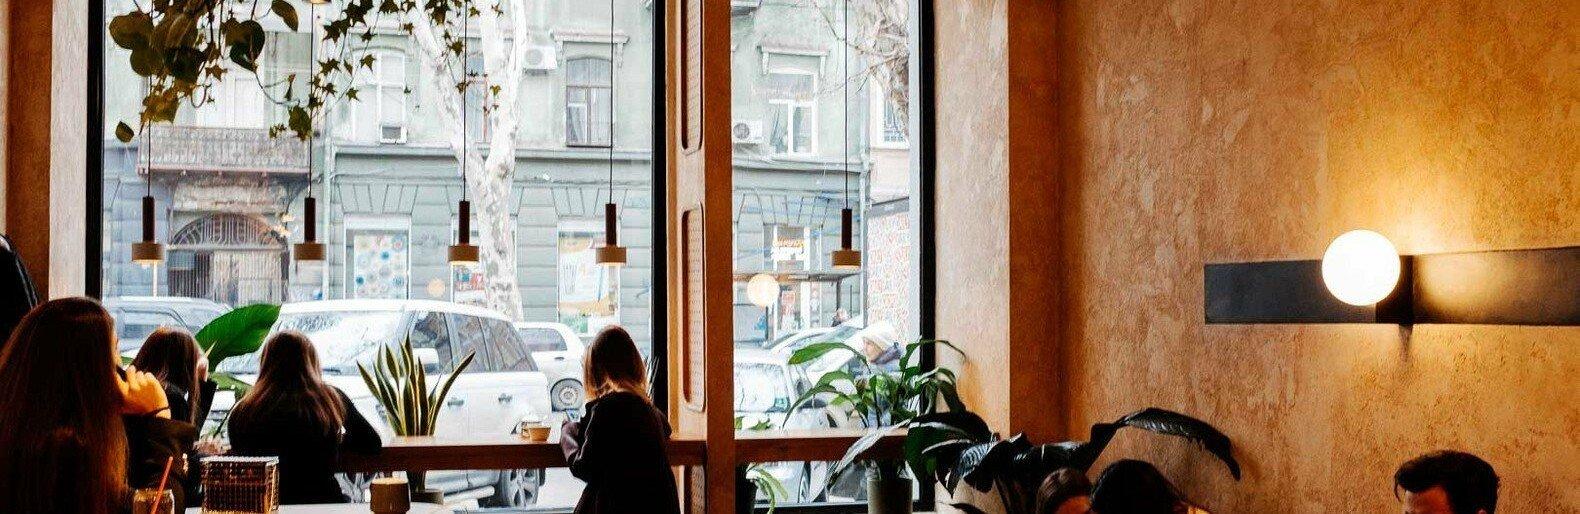 """В Одессе в магазине """"Рошен"""" произошел языковой скандал0"""